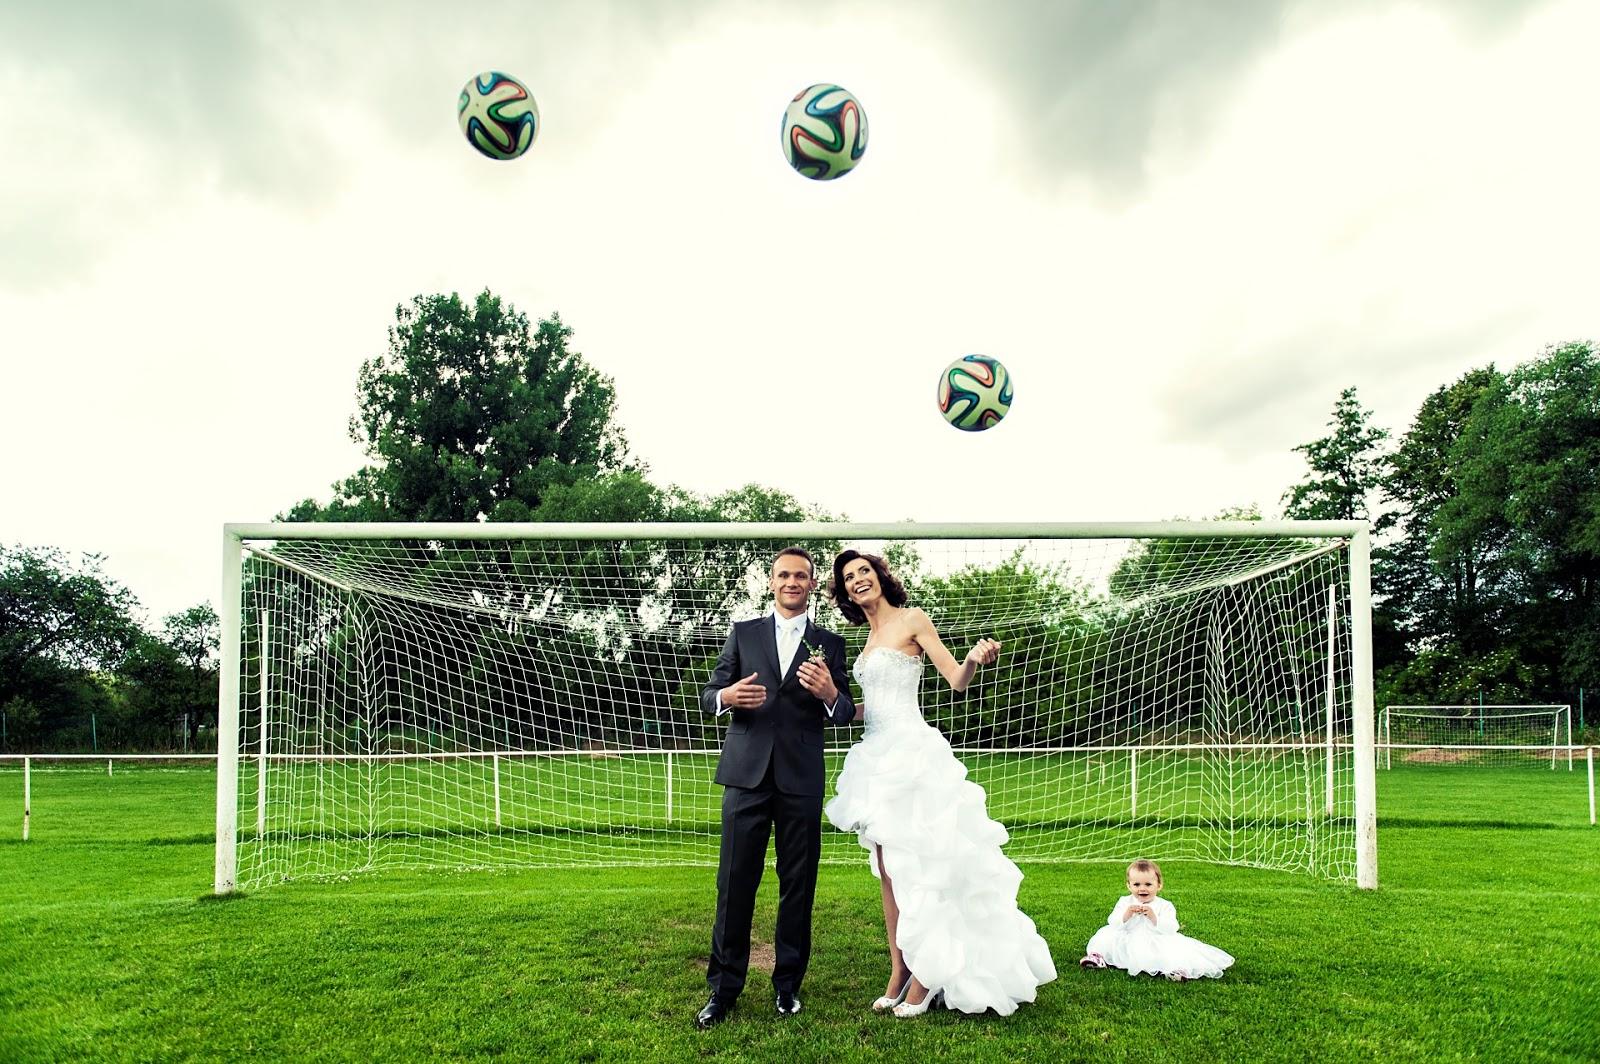 líčenie, vizážistka, svadba, fotograf